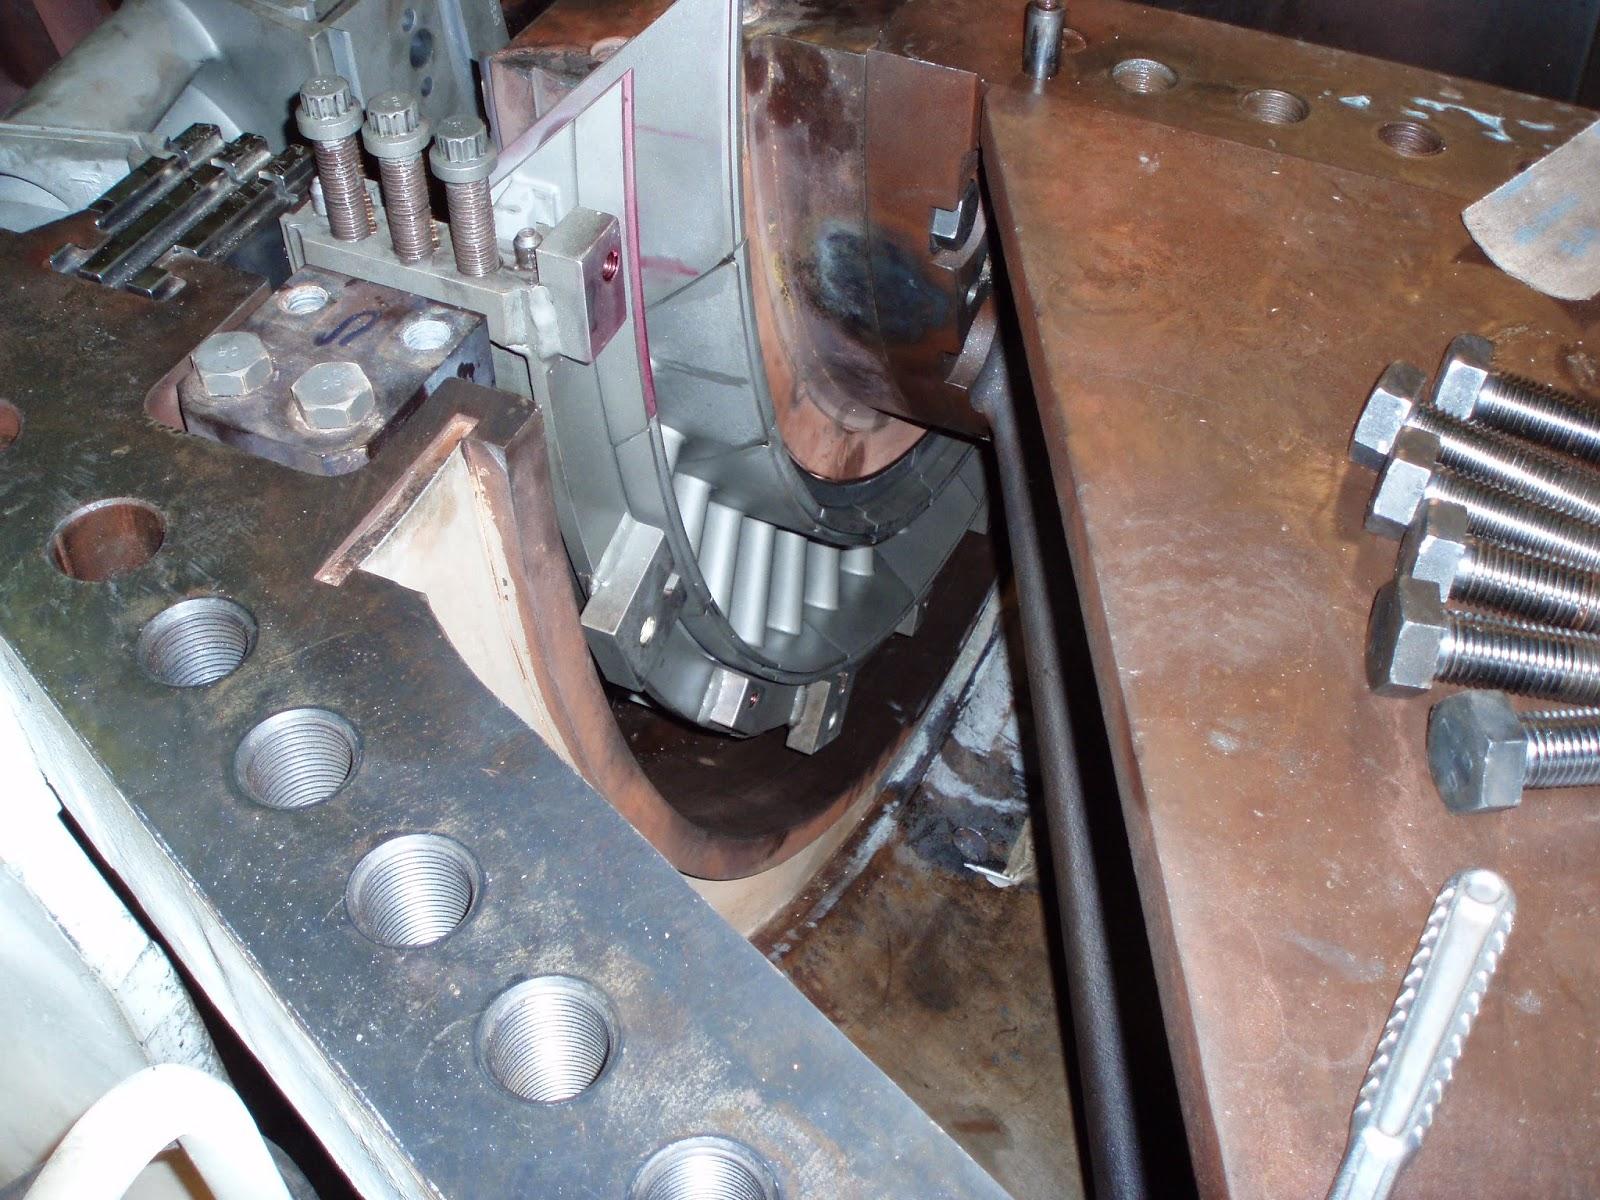 Alstom Frame 5 Turbine Assembling s LEKULE BLOG